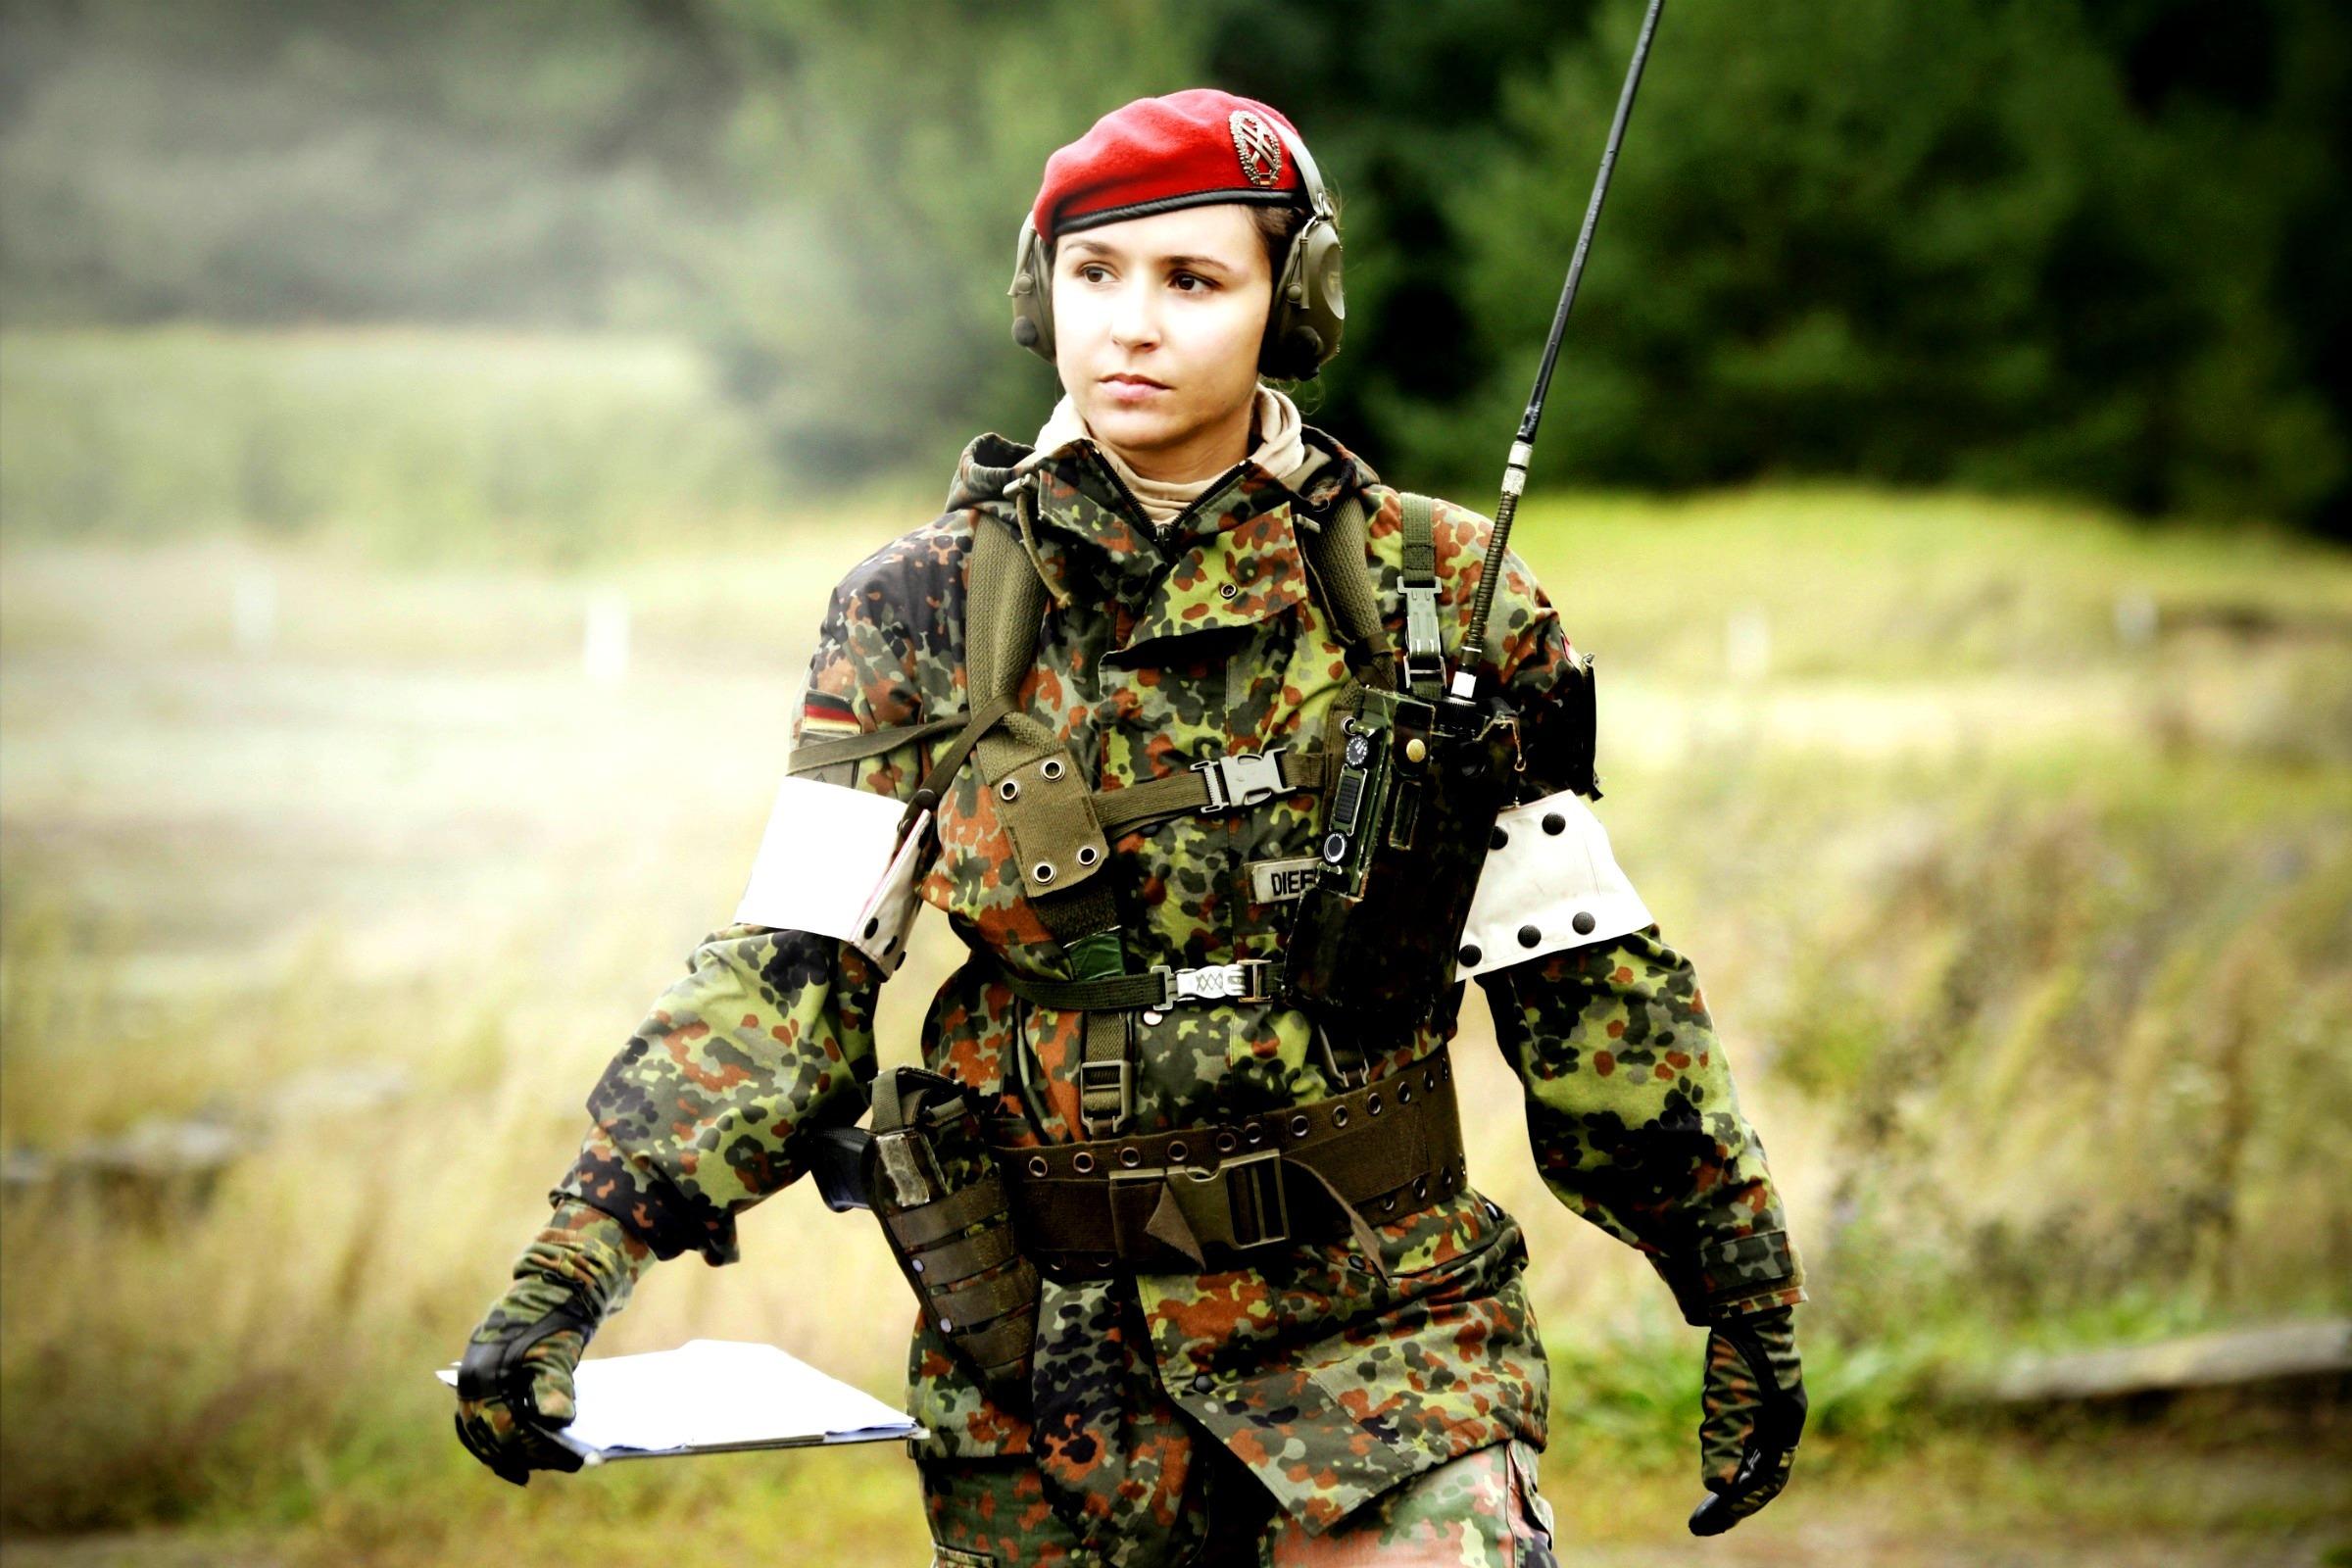 Прикольные картинки девушек военных, моря открытка открытка